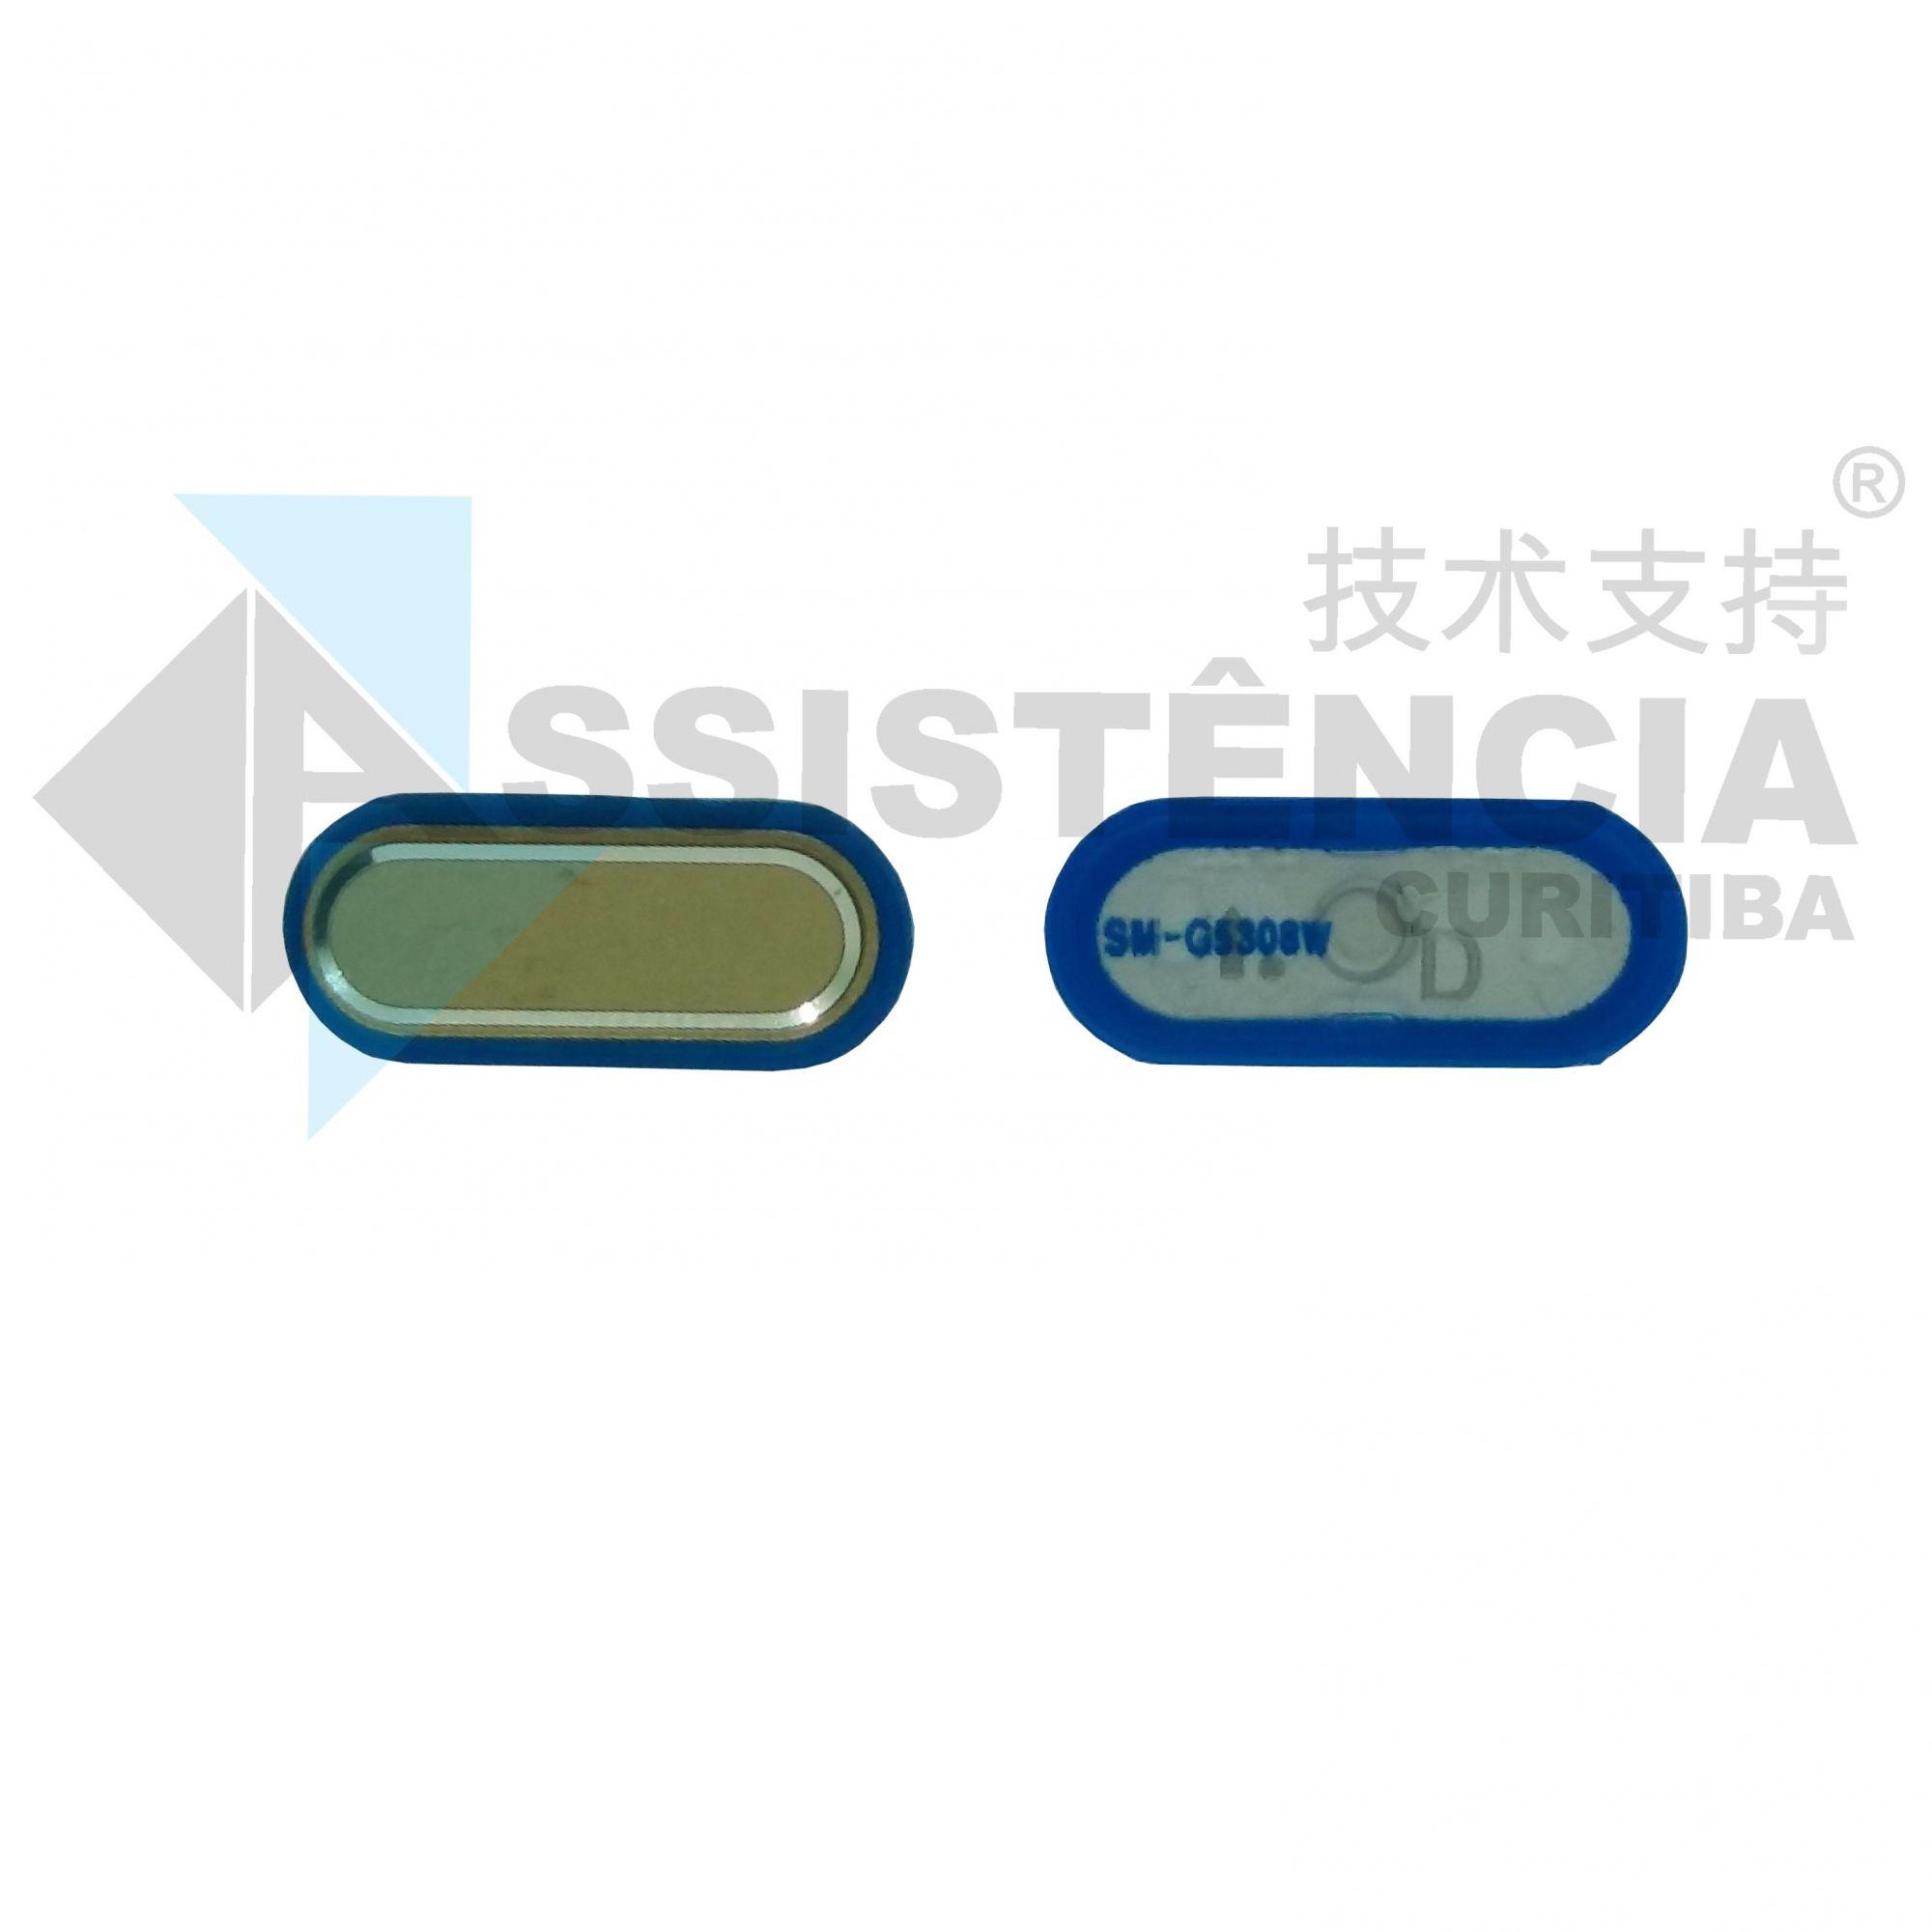 Botão Home Externo Samsung Galaxy Gran Prime G530 G531 J2 J3 J5 J7 Original Dourado